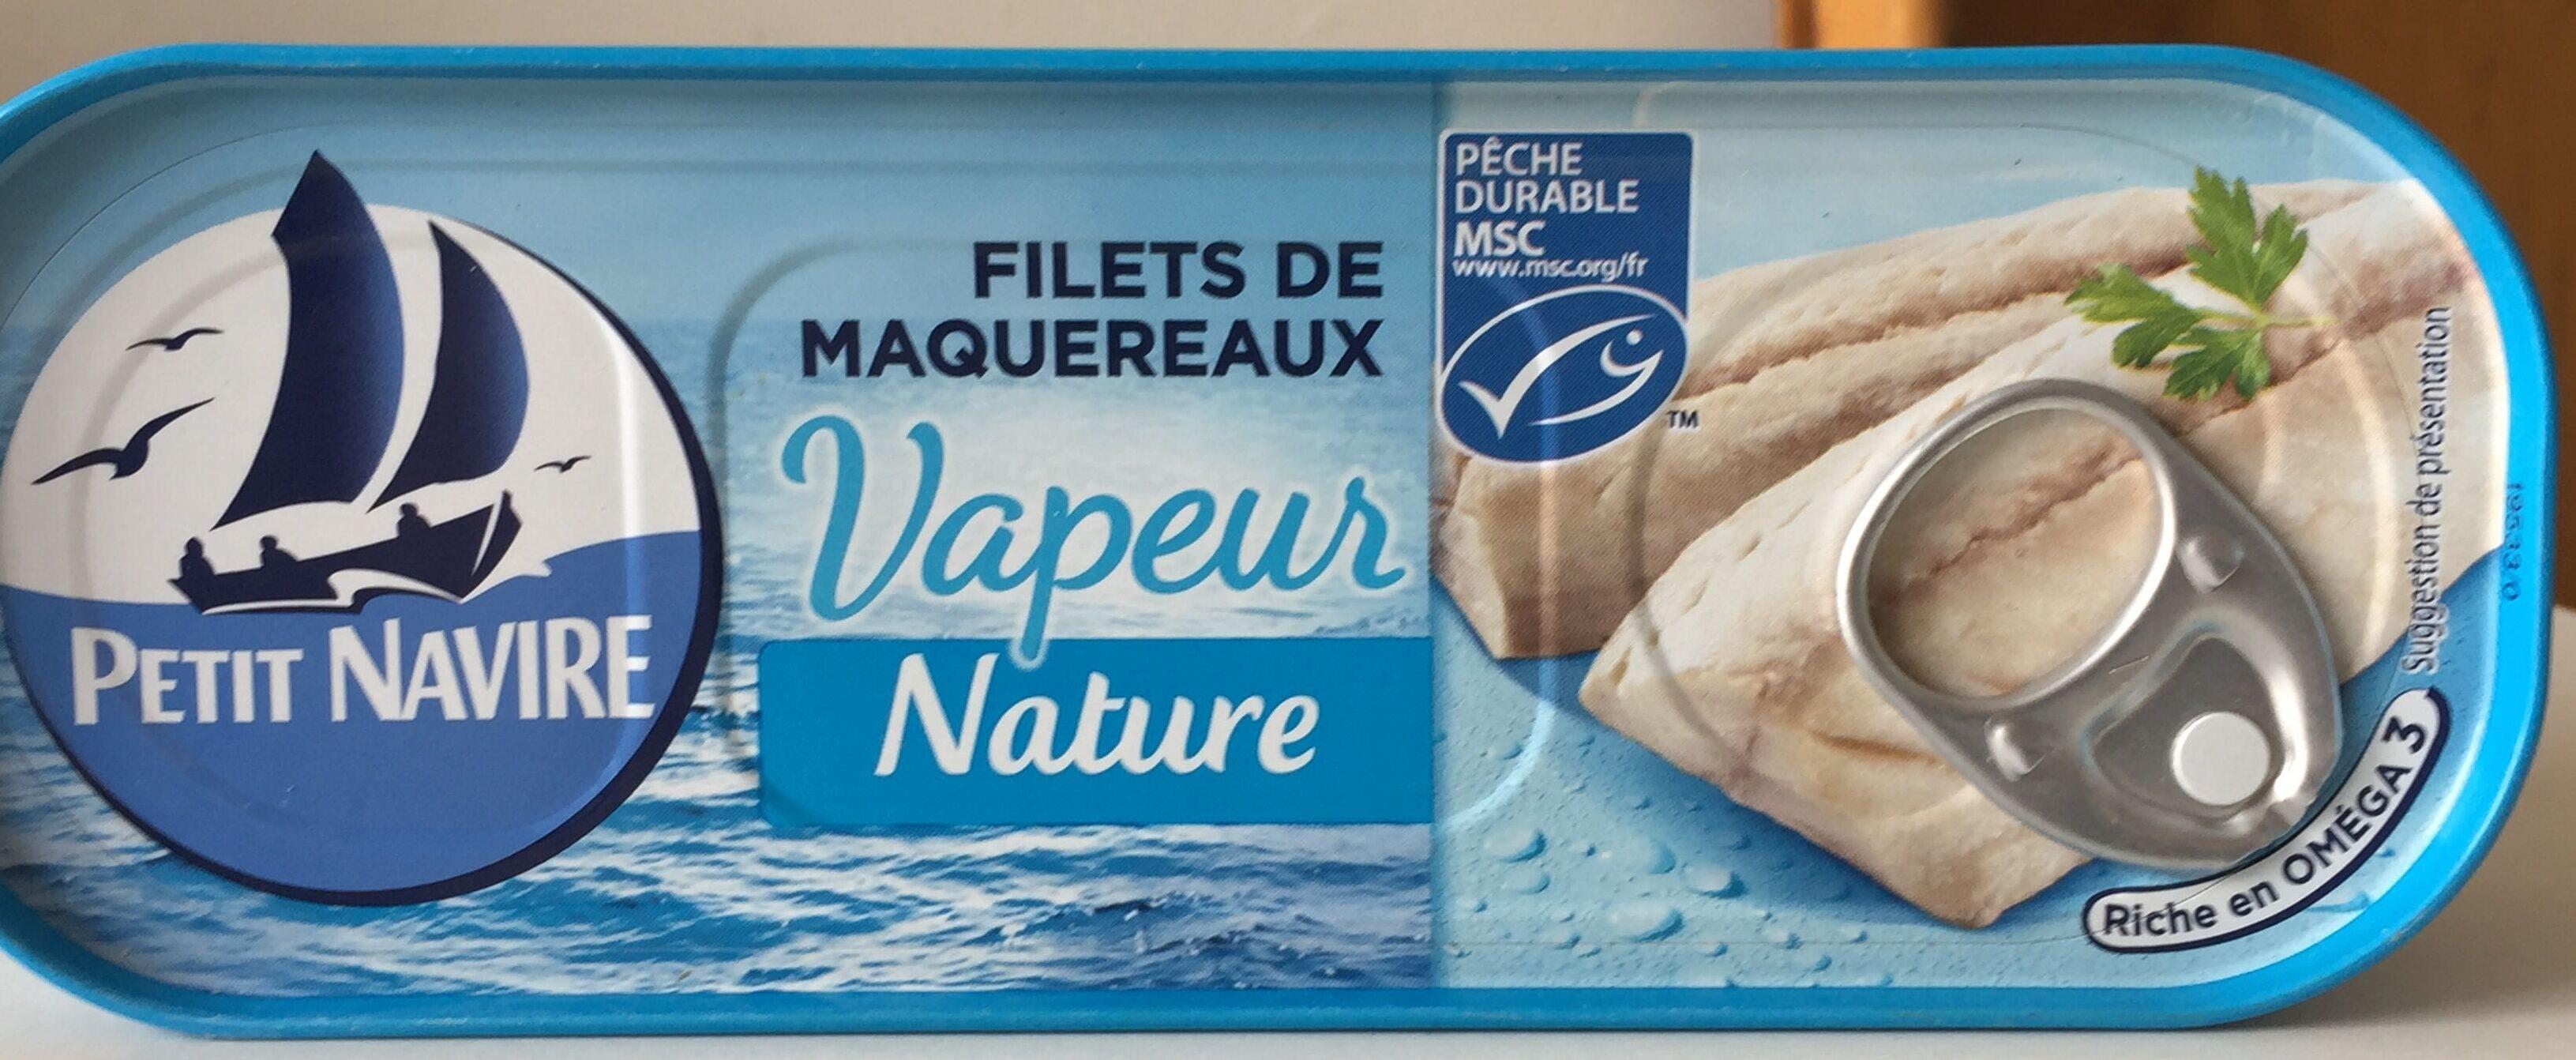 Filets de maquereaux Vapeur Nature - Produit - fr